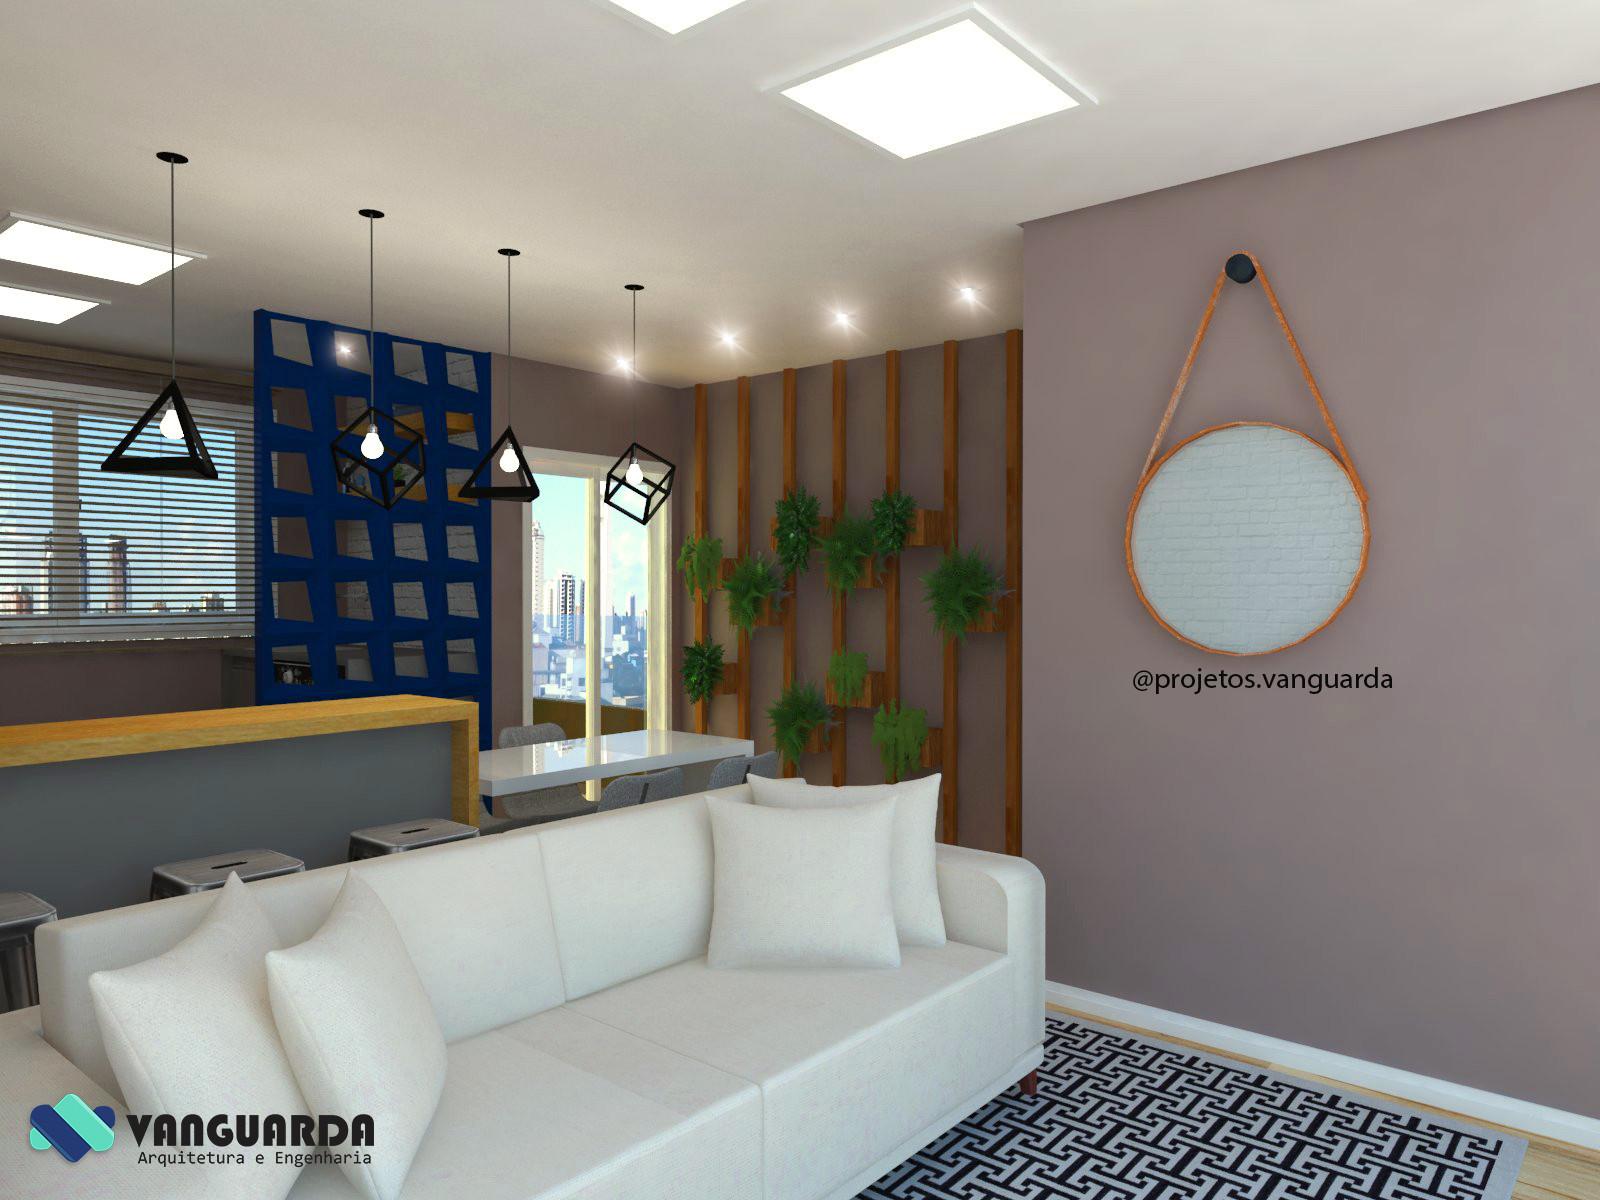 Sala Conjugada Com Cozinha E Rea De Servi O Projetos Vanguarda  -> Cozinha Com Sala Conjugada